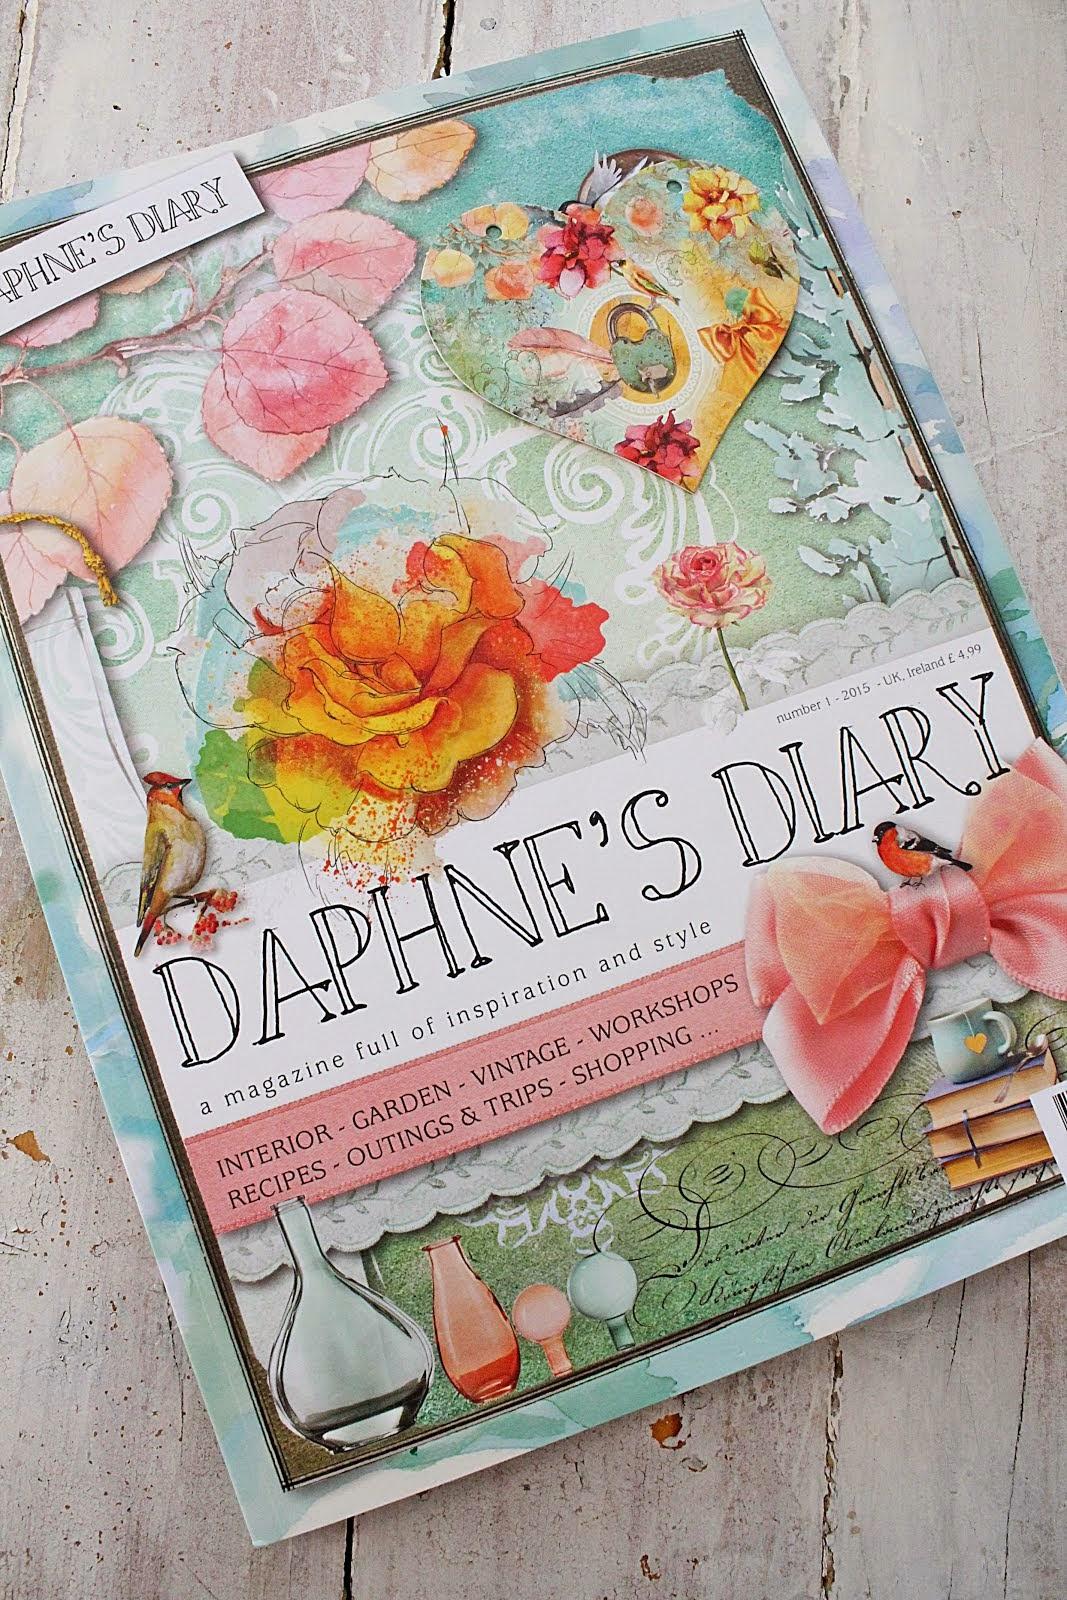 I dette magasinet ble det viet mange vakre sider fra Vibeke Design